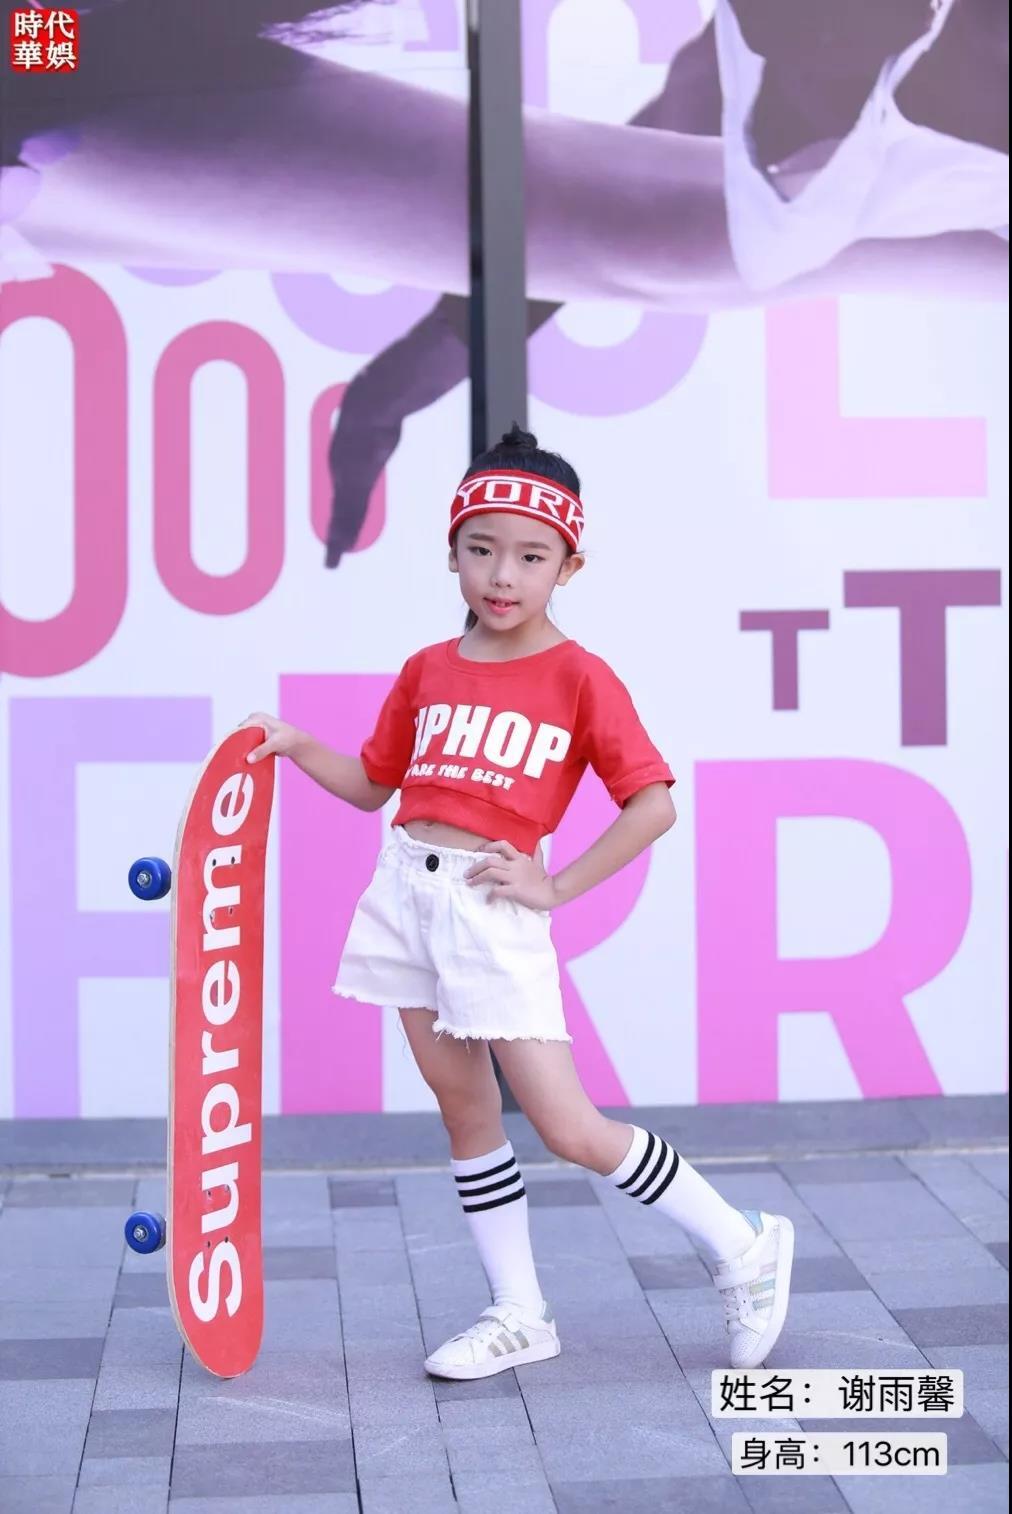 深圳少儿模特潮童街拍